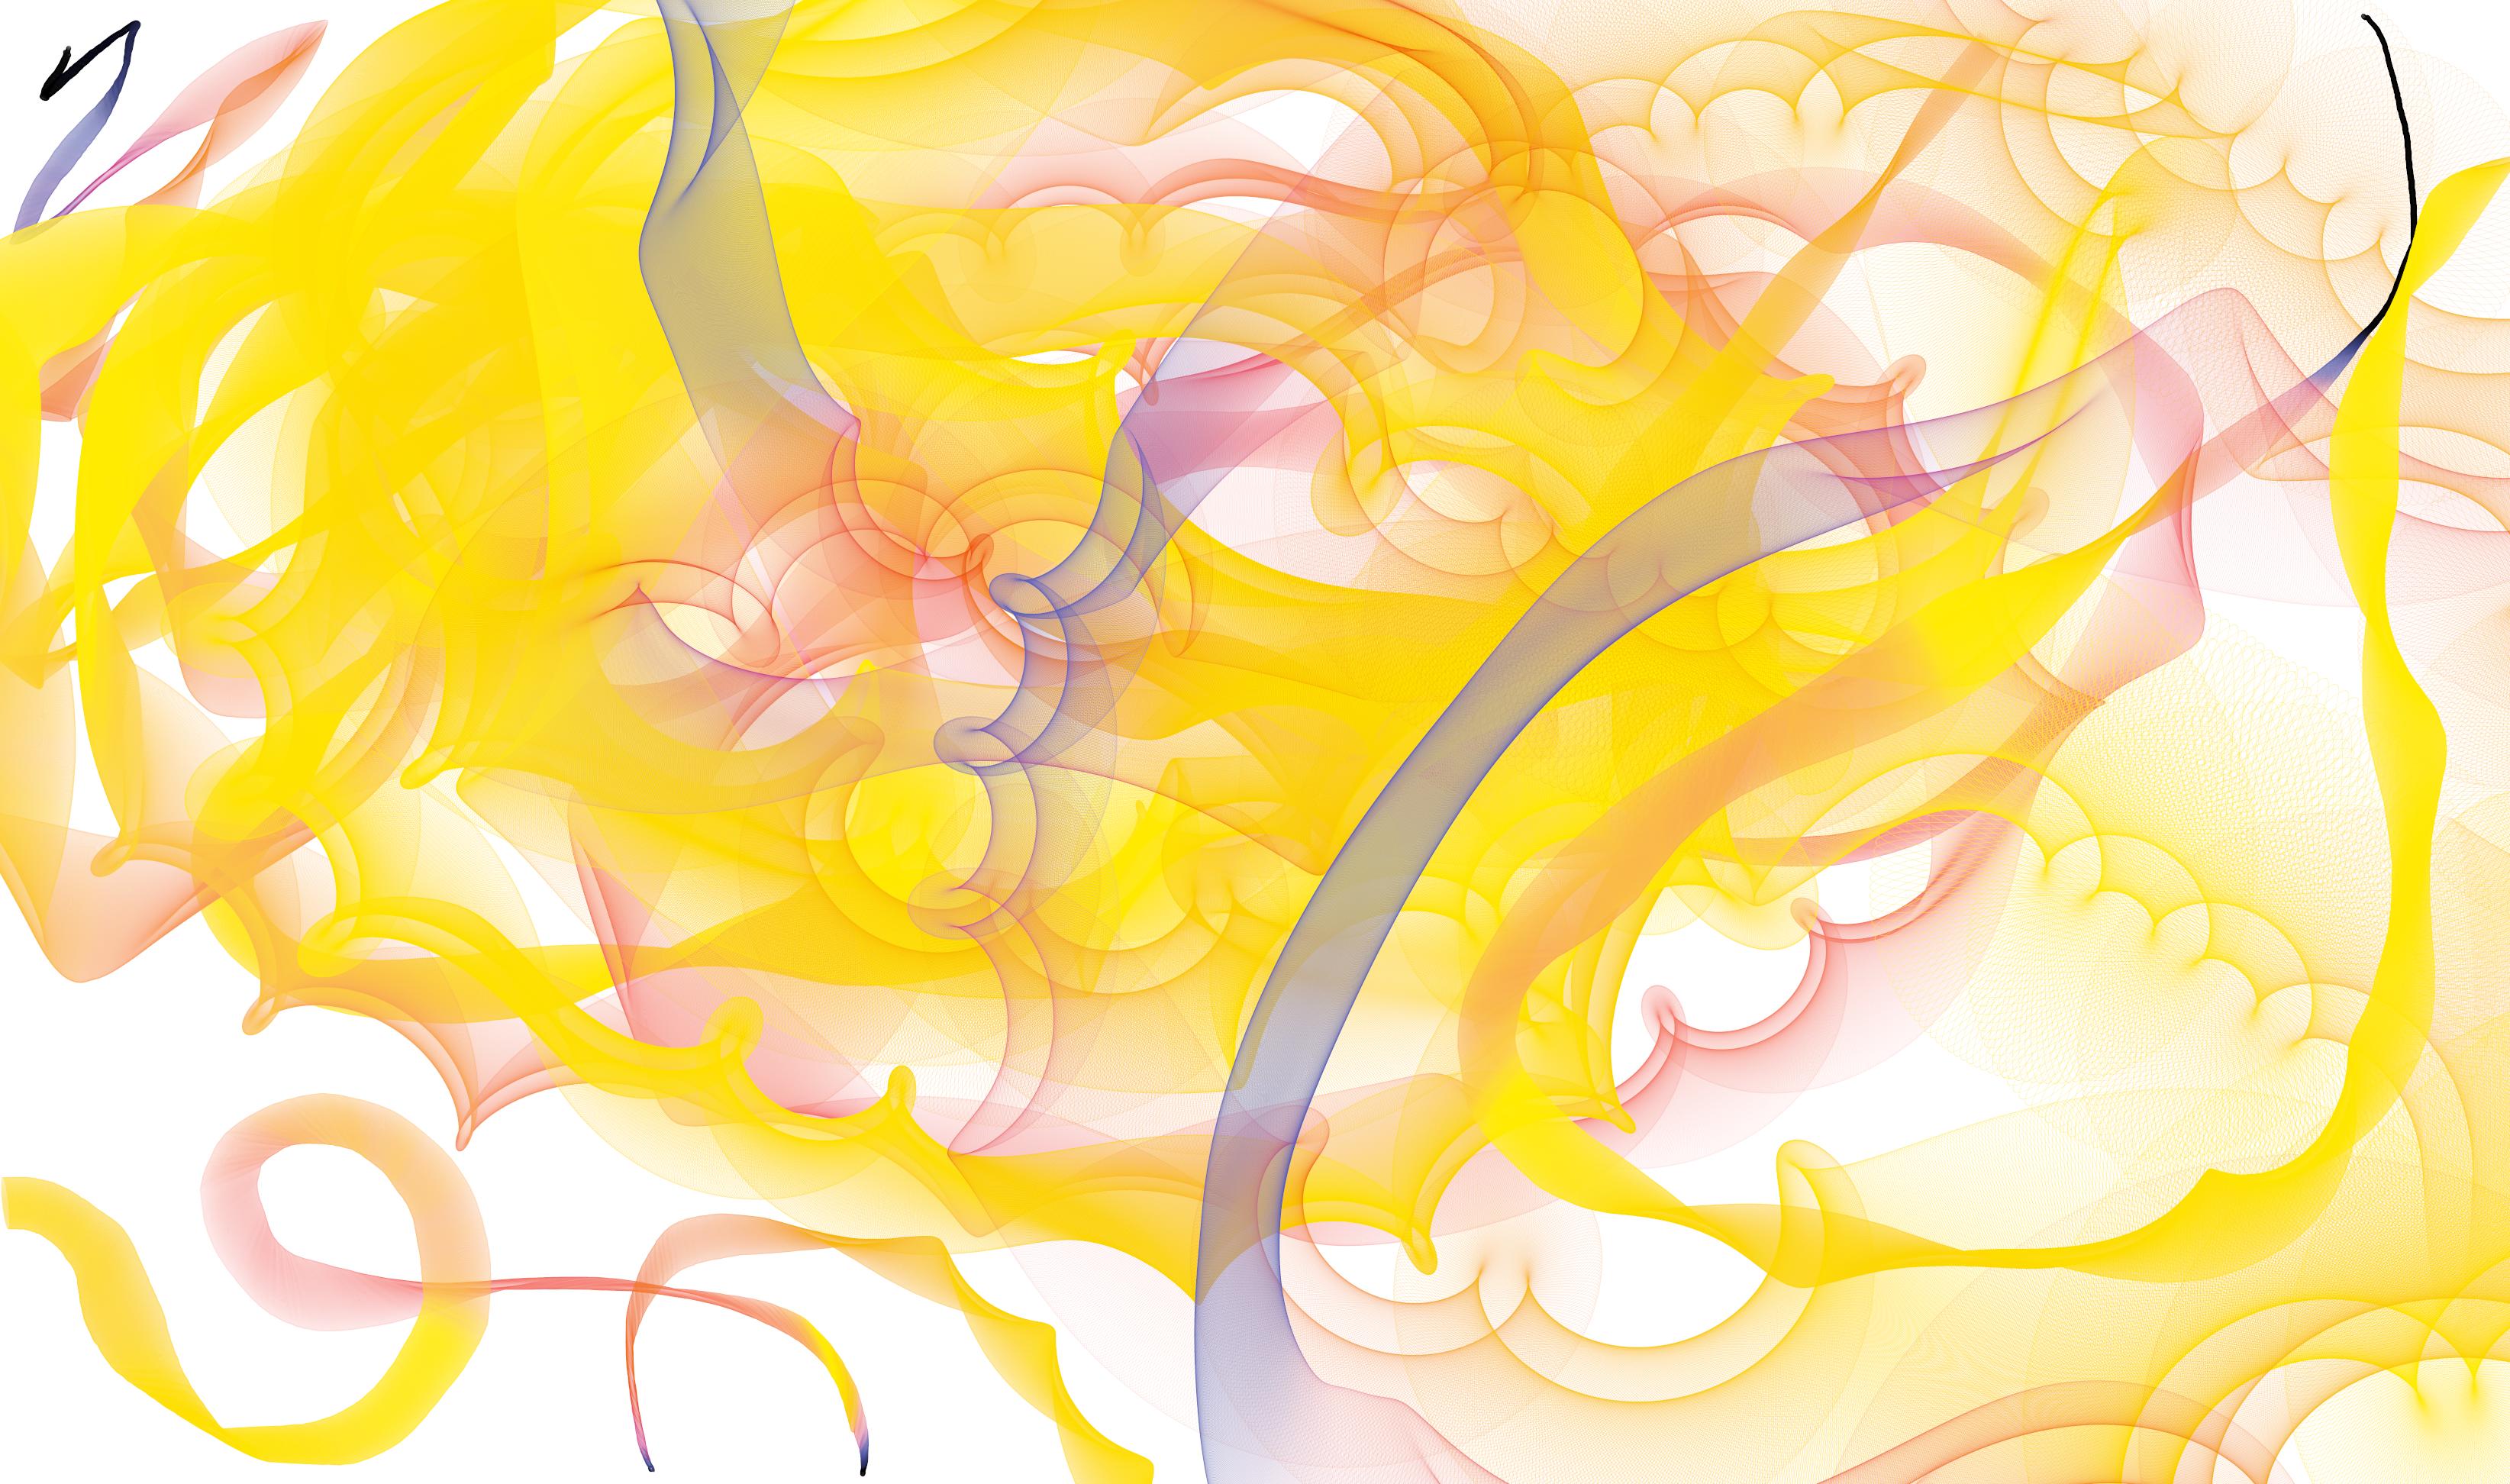 Yellow winding fun